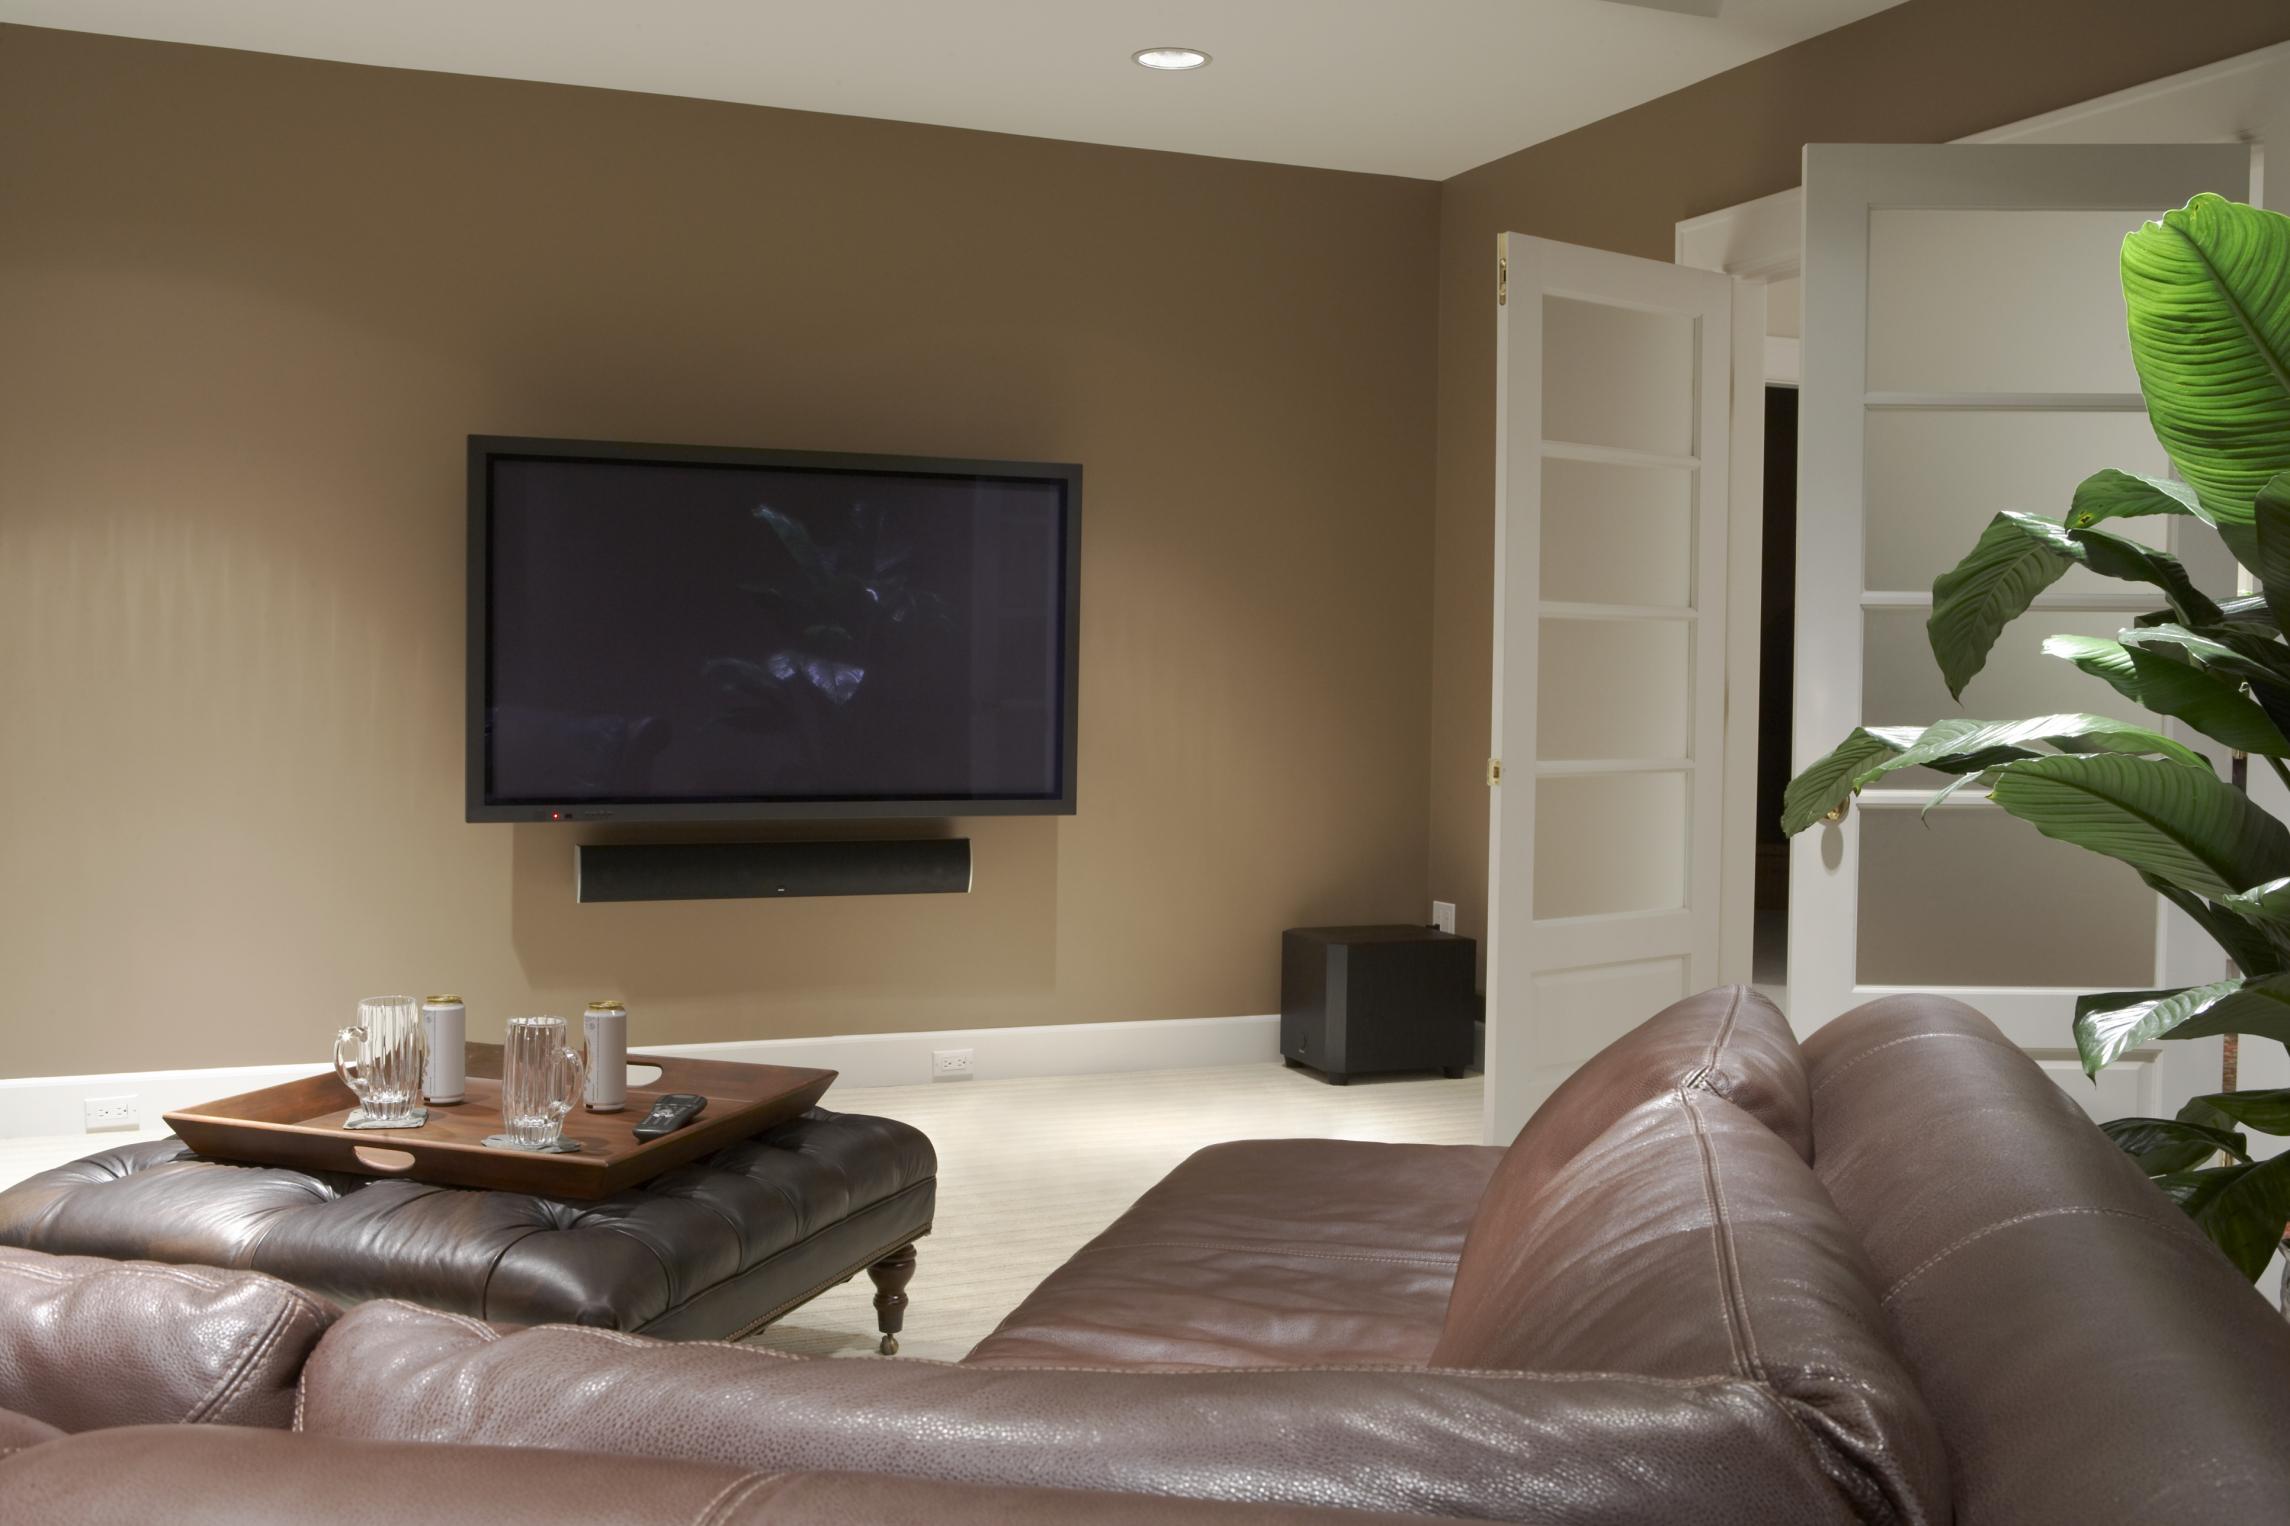 Cómo decorar la pared luego de instalar un televisor de 42 pulgadas |